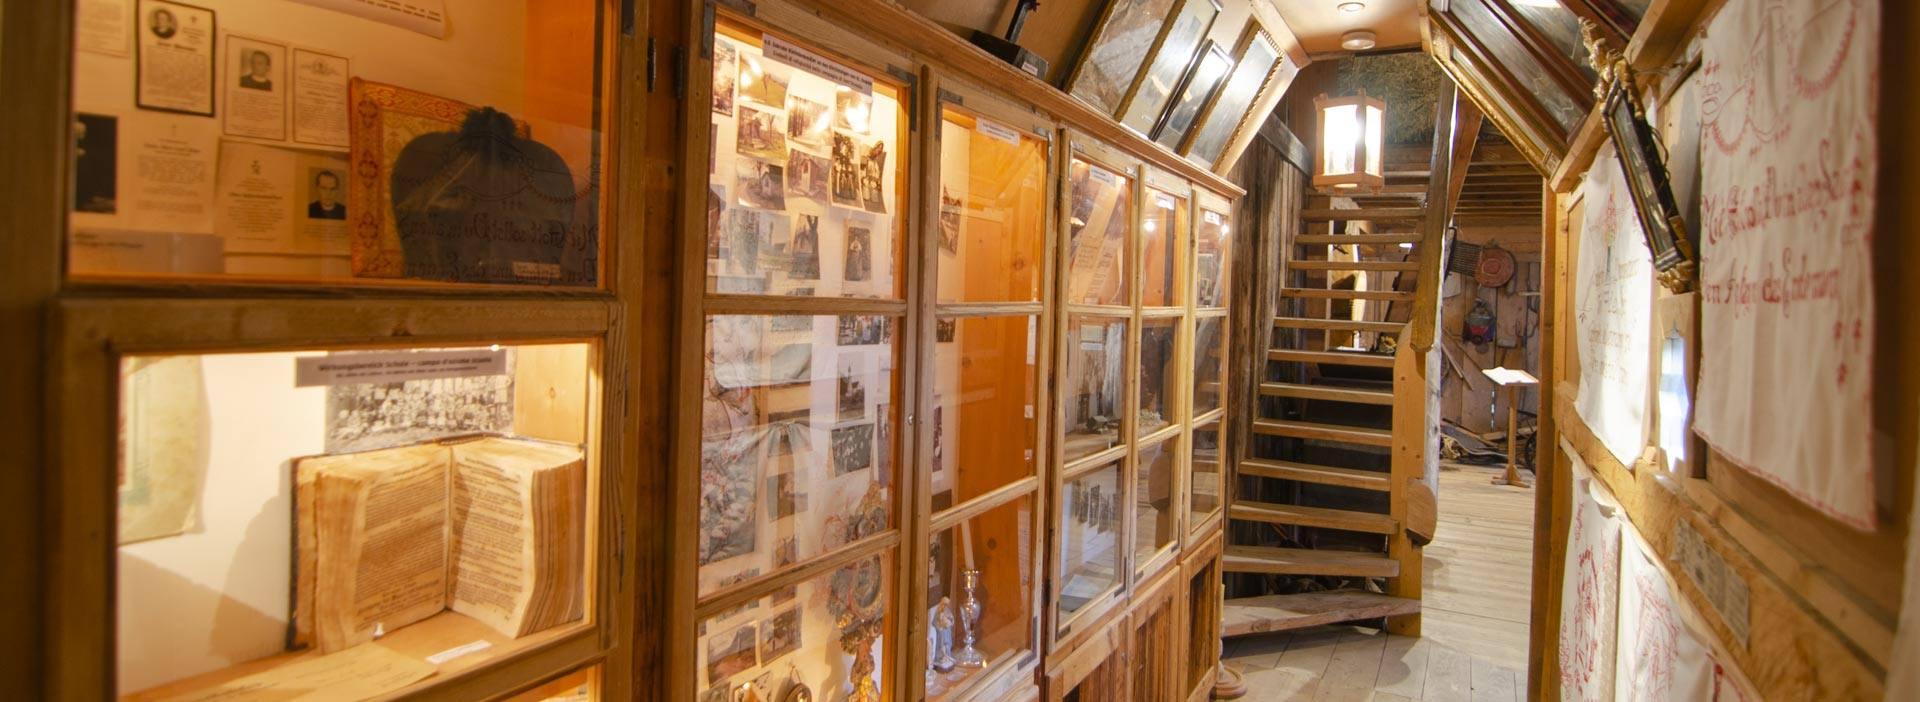 Bauernmuseum im Tschötscherhof